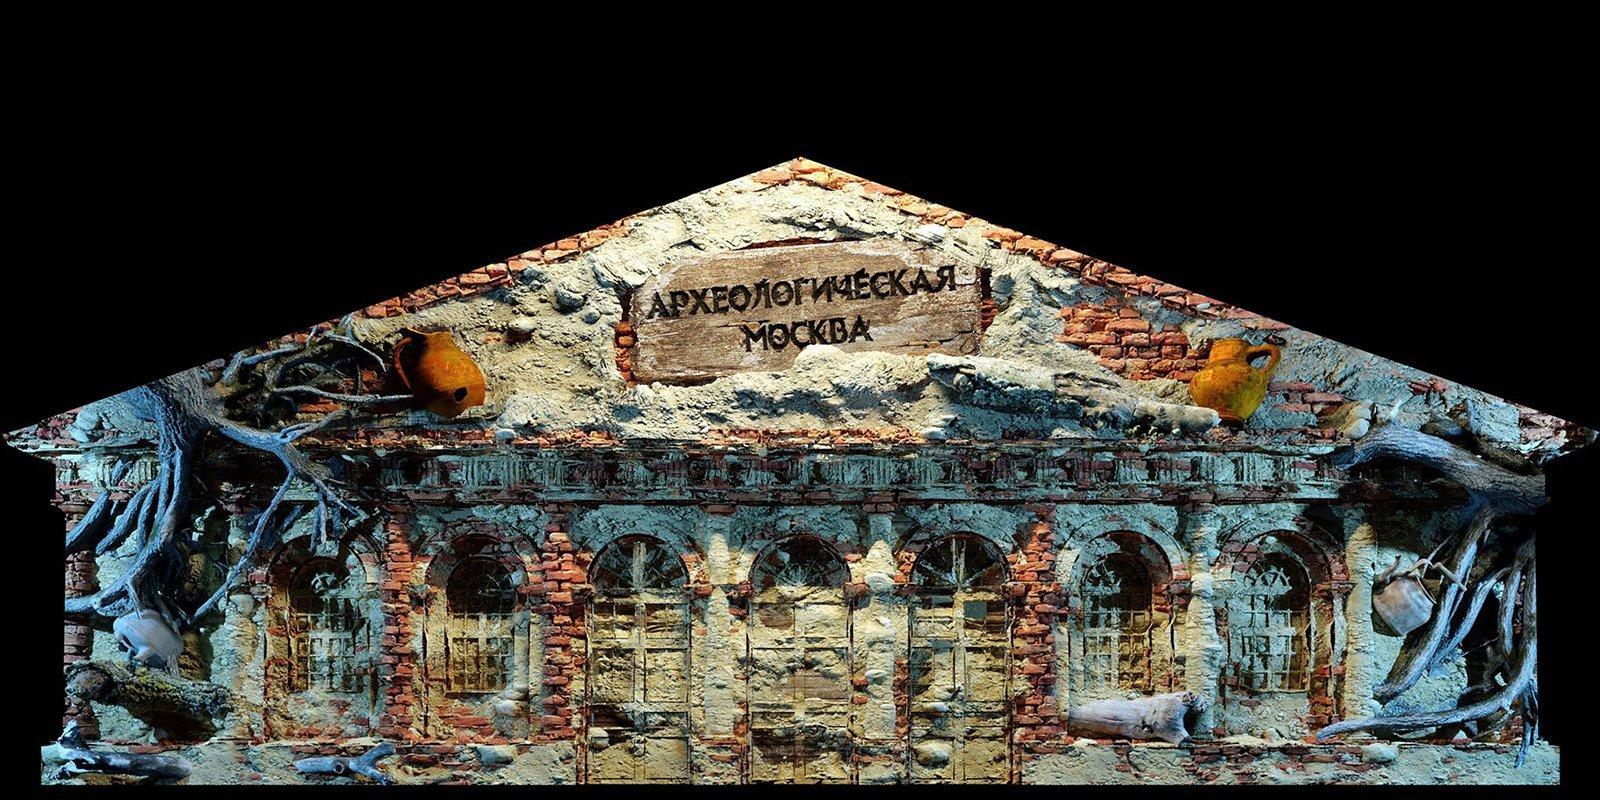 Археологические находки ифлотилия Петра I: на помещении Манежа покажут световые фильмы